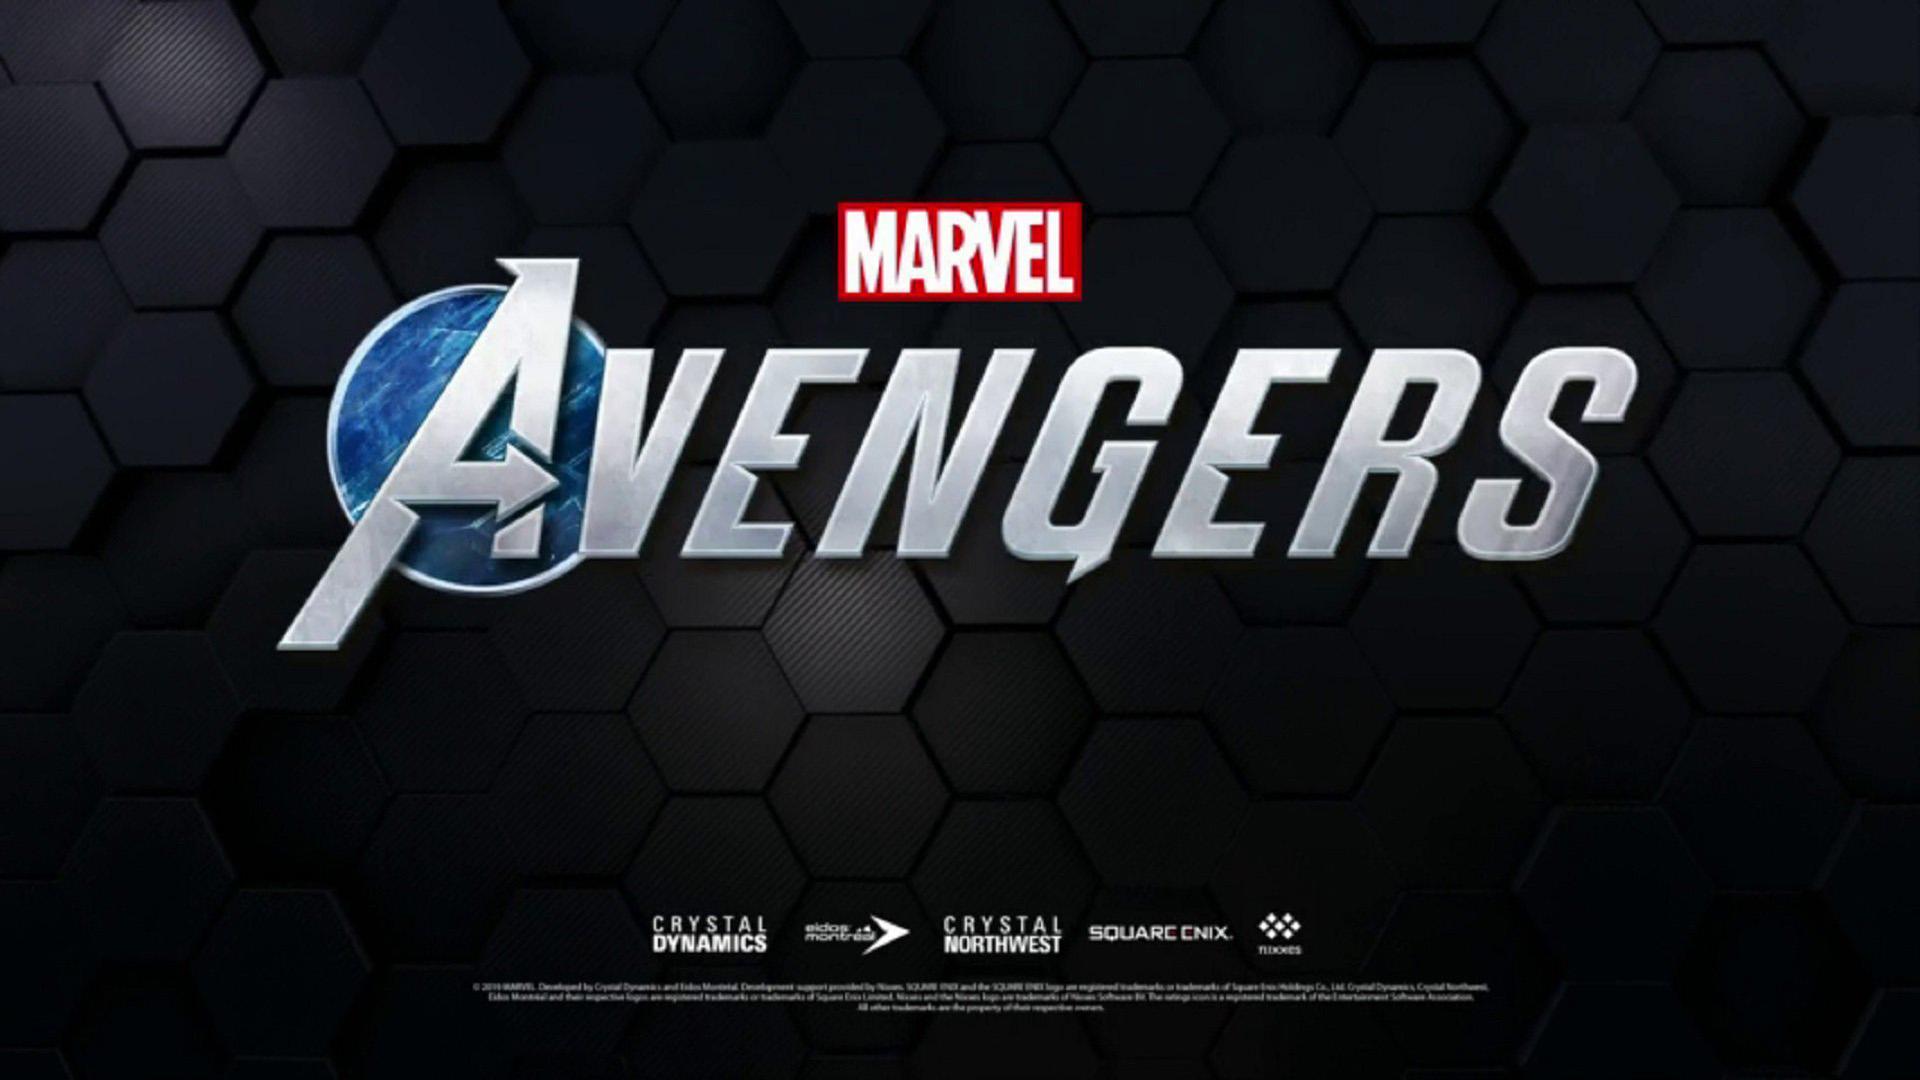 marvel avengers square enix e3